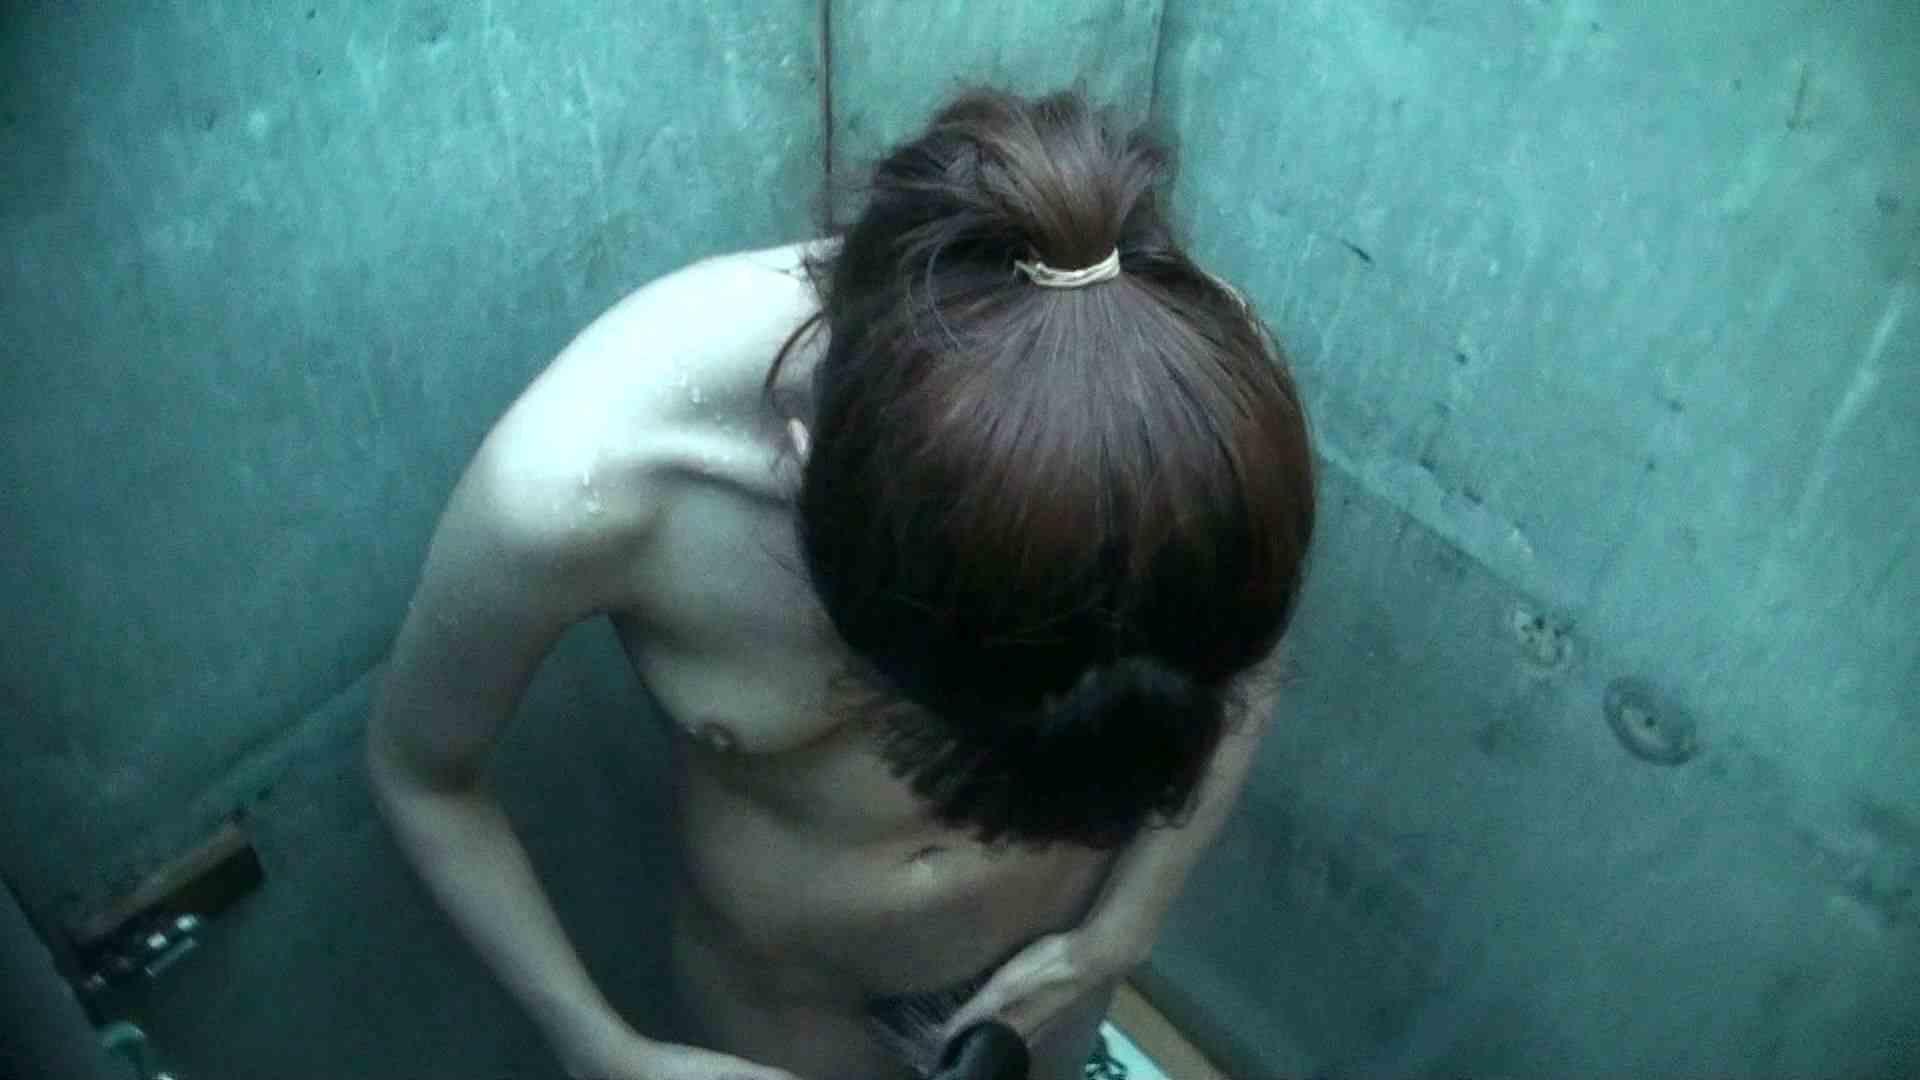 シャワールームは超!!危険な香りVol.30 甘栗剥いちゃいました 高画質モード  56画像 21